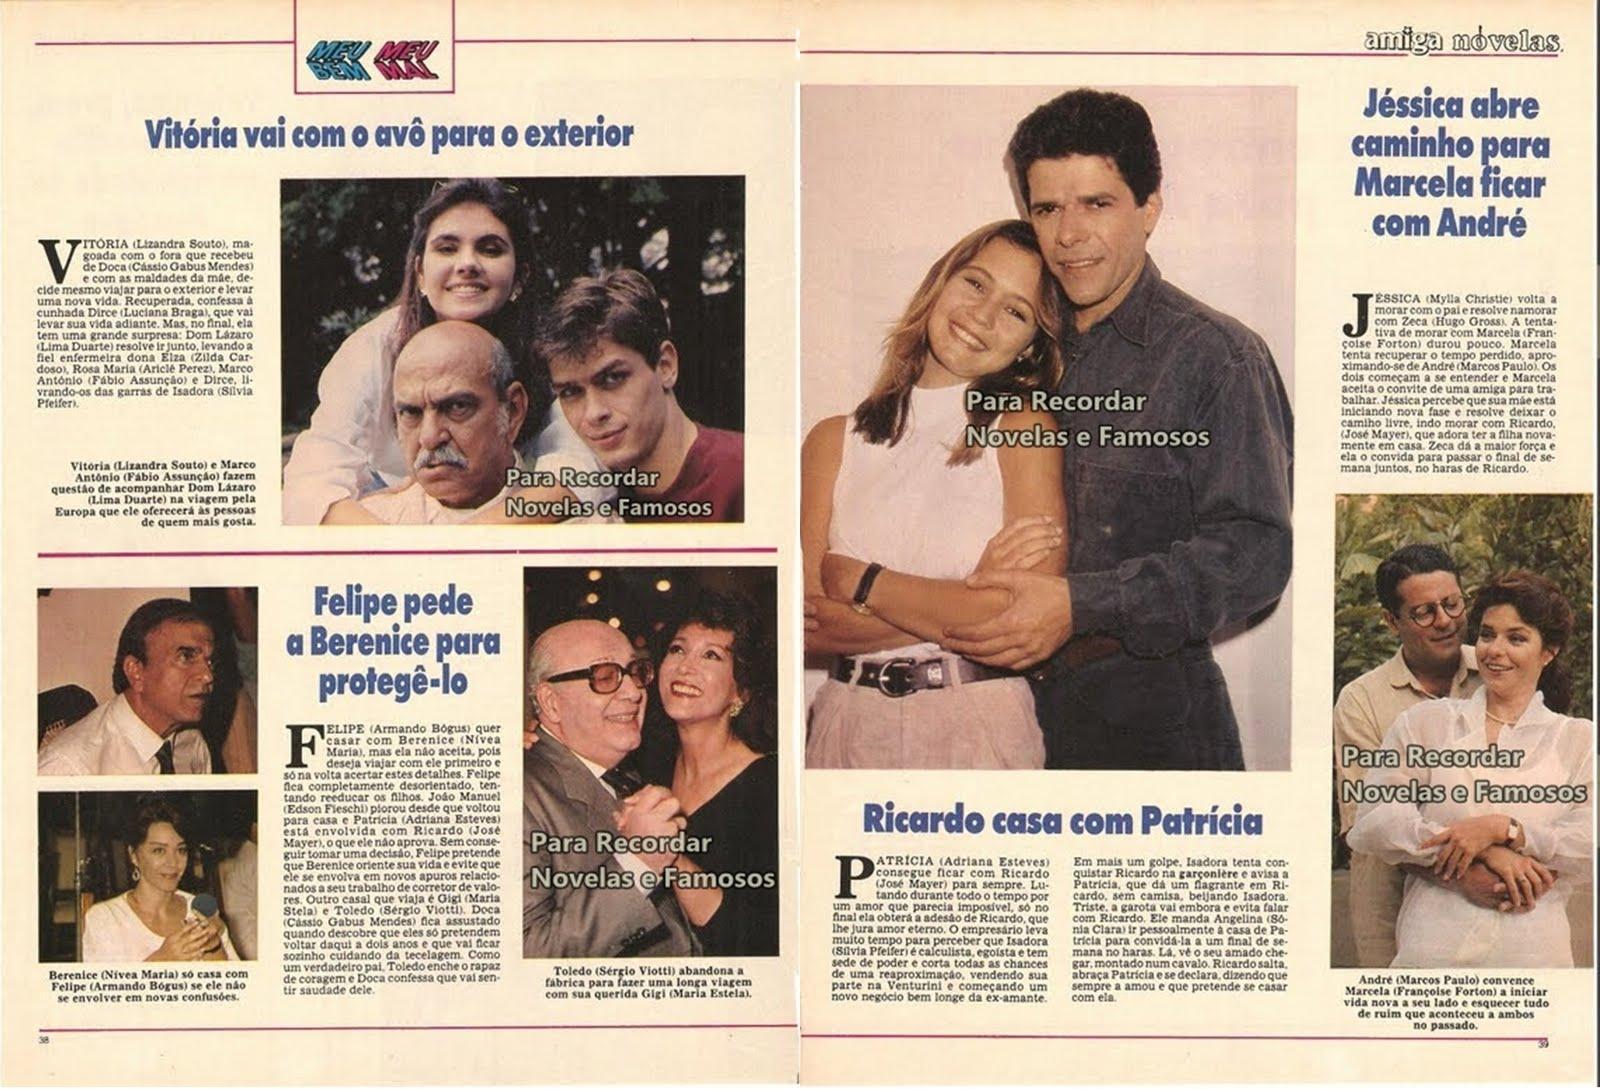 Обо всех и обо всем - Бразилия - Página 7 MEU%2BBEM%2BMEU%2BMAL%2BCAPAN%2B1.097-tile